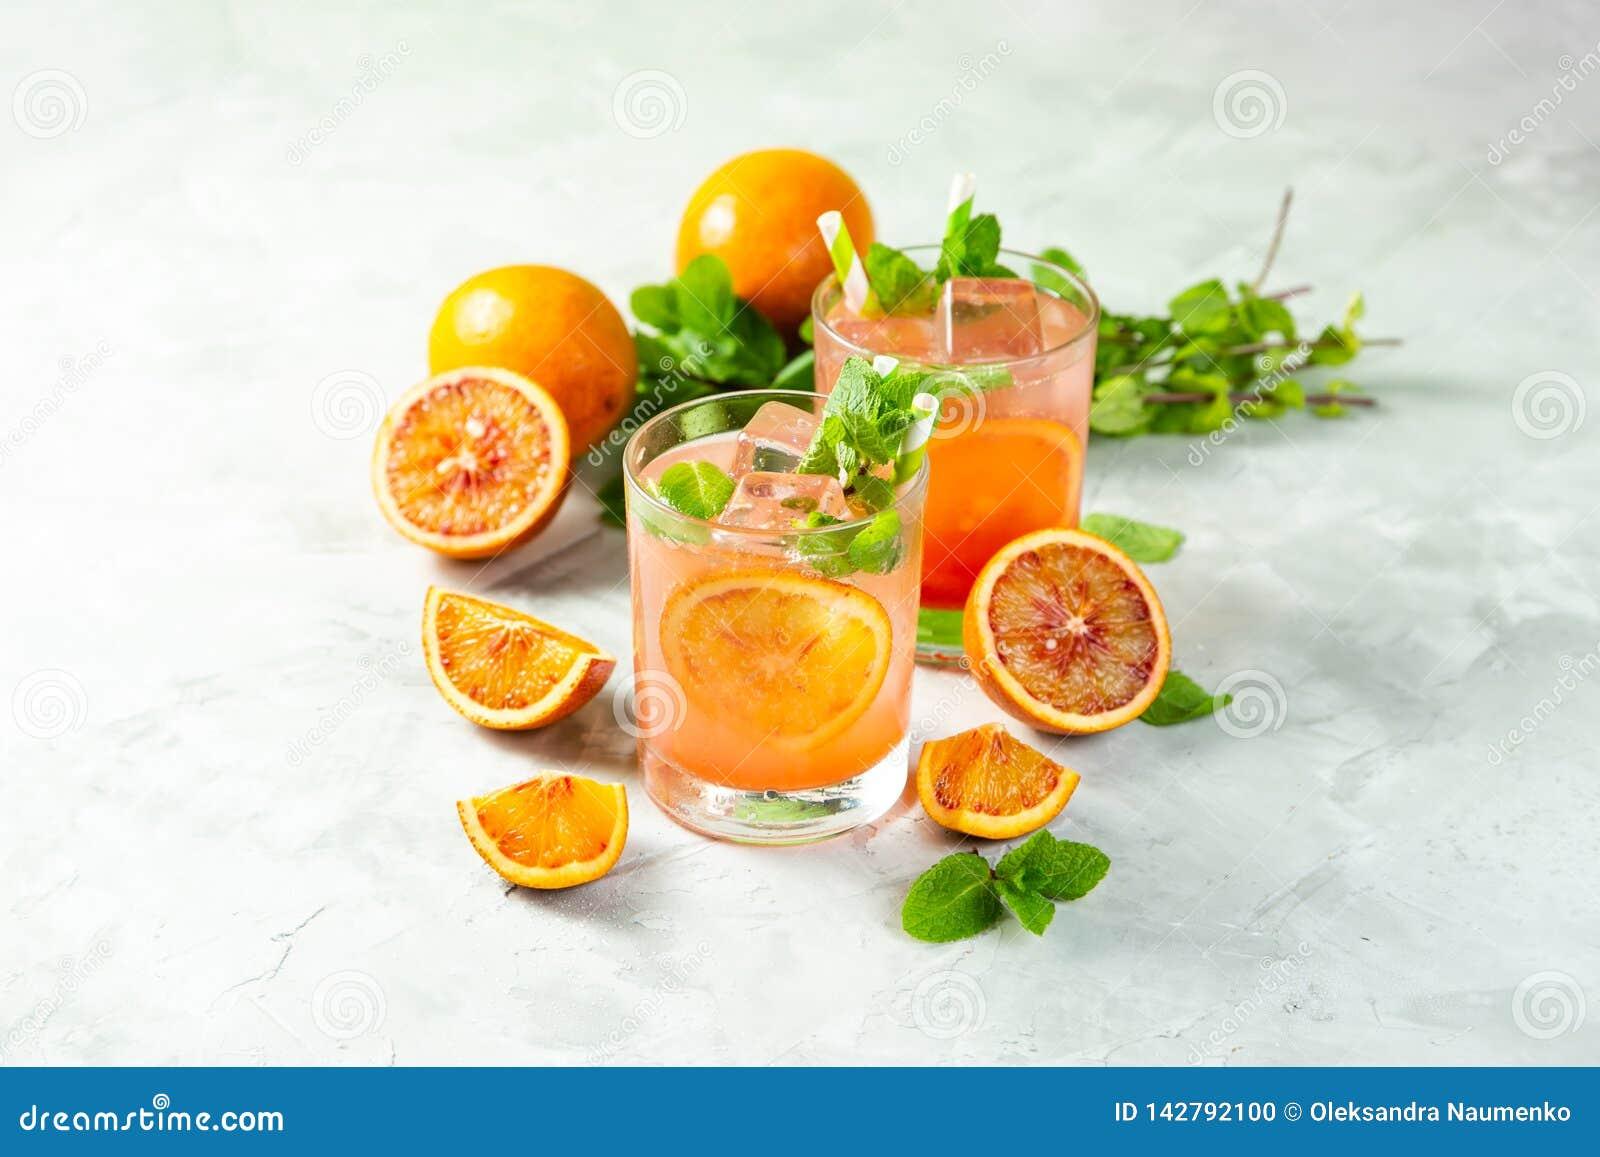 Blutiges Orangensaftgetränk und Bestandteile